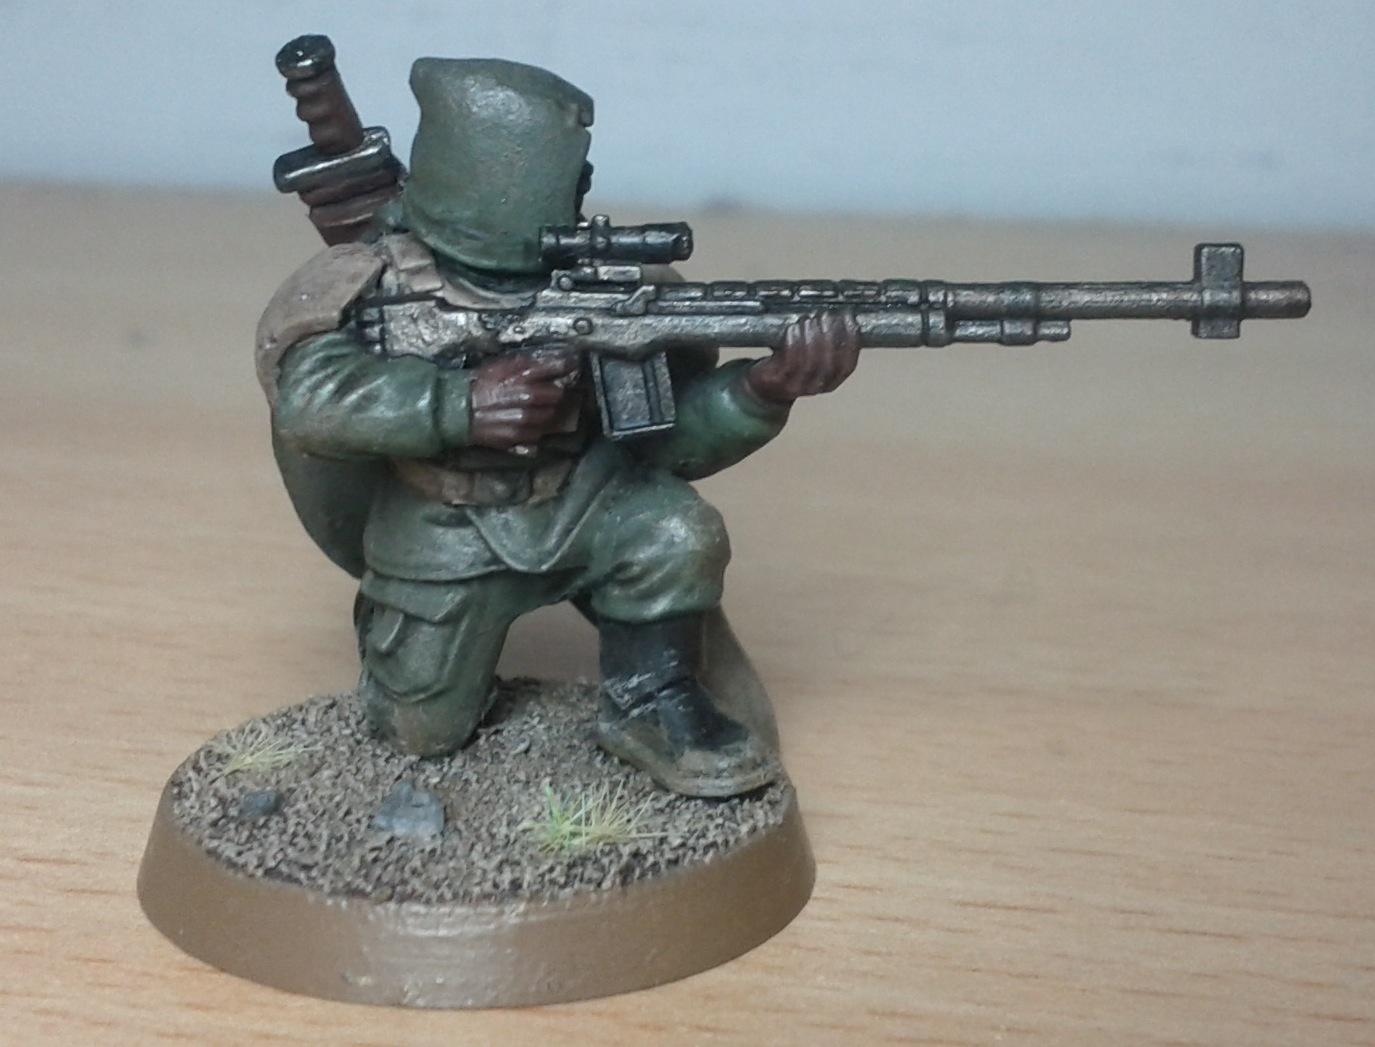 Drifter (gun repainted)